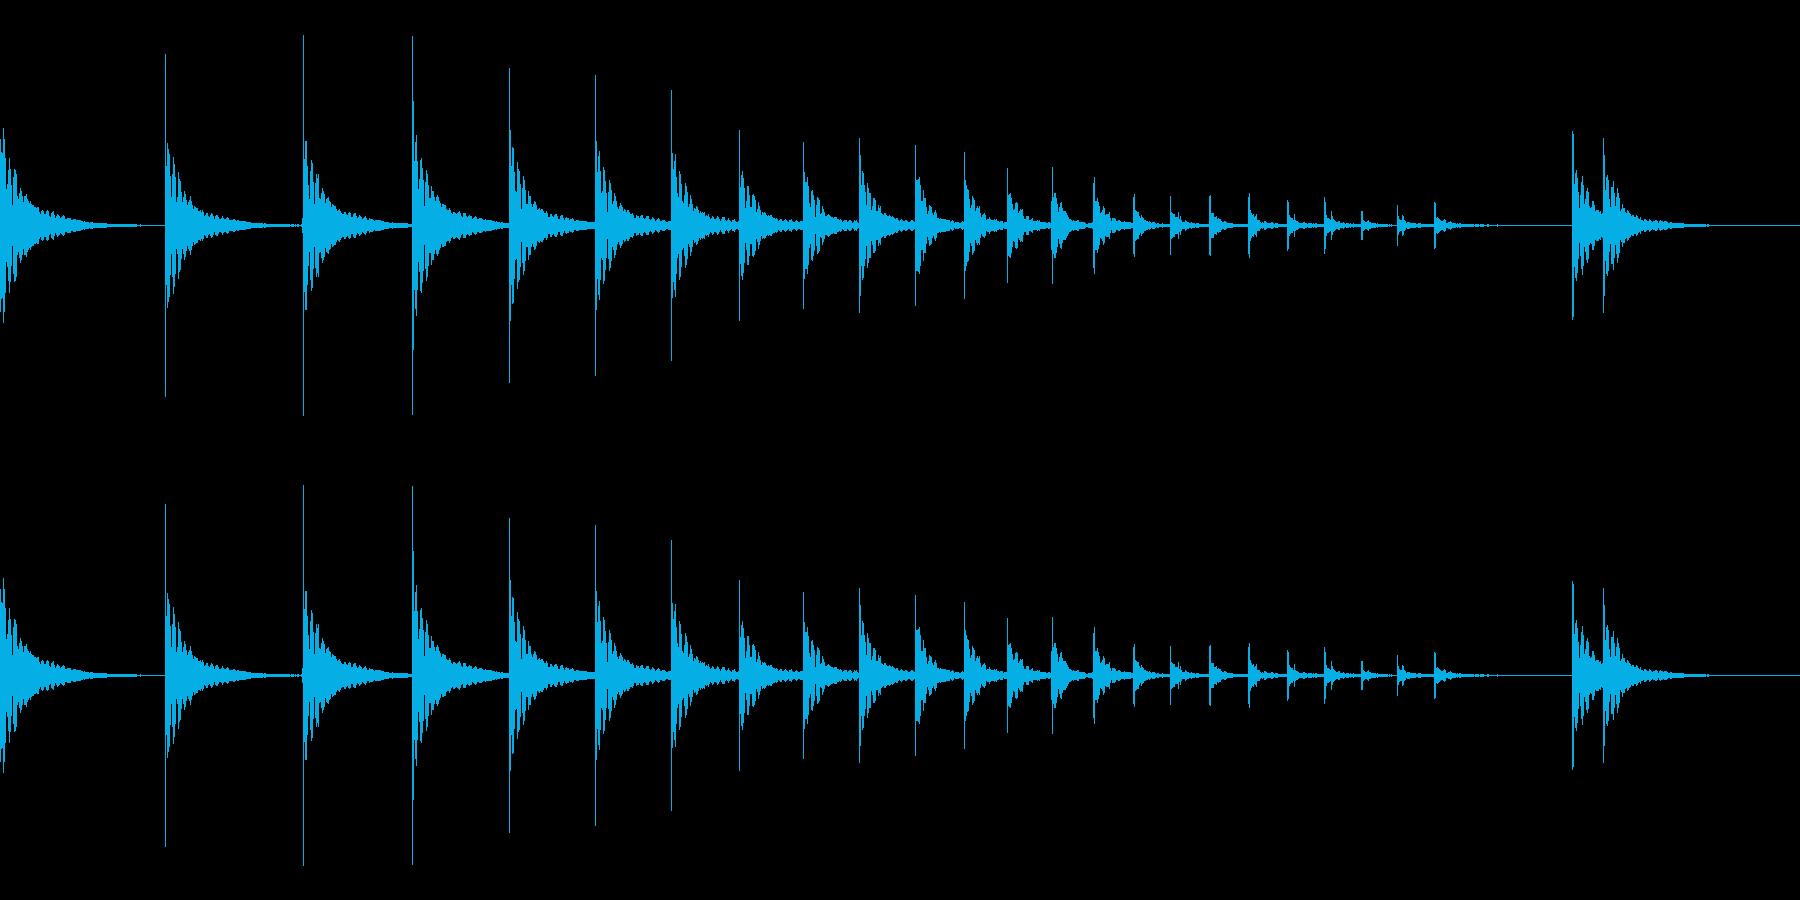 和太鼓ロール 桶胴太鼓2の再生済みの波形